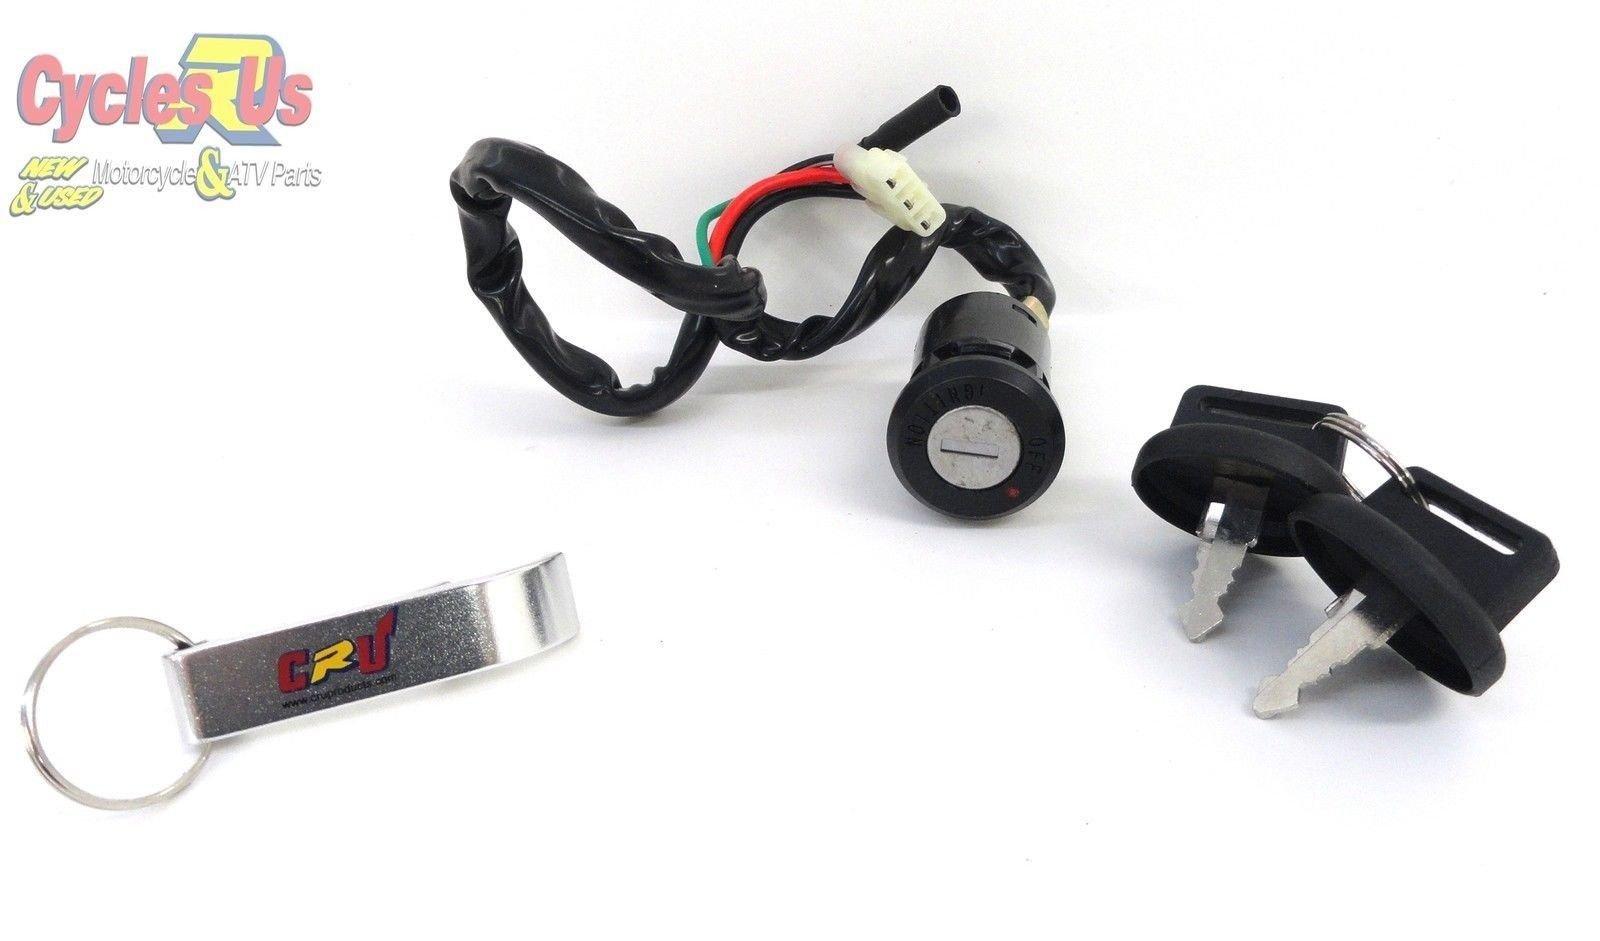 CRU Ignition Key Switch 99-04 Honda TRX 400EX 400 EX Sport Trax Sportrax